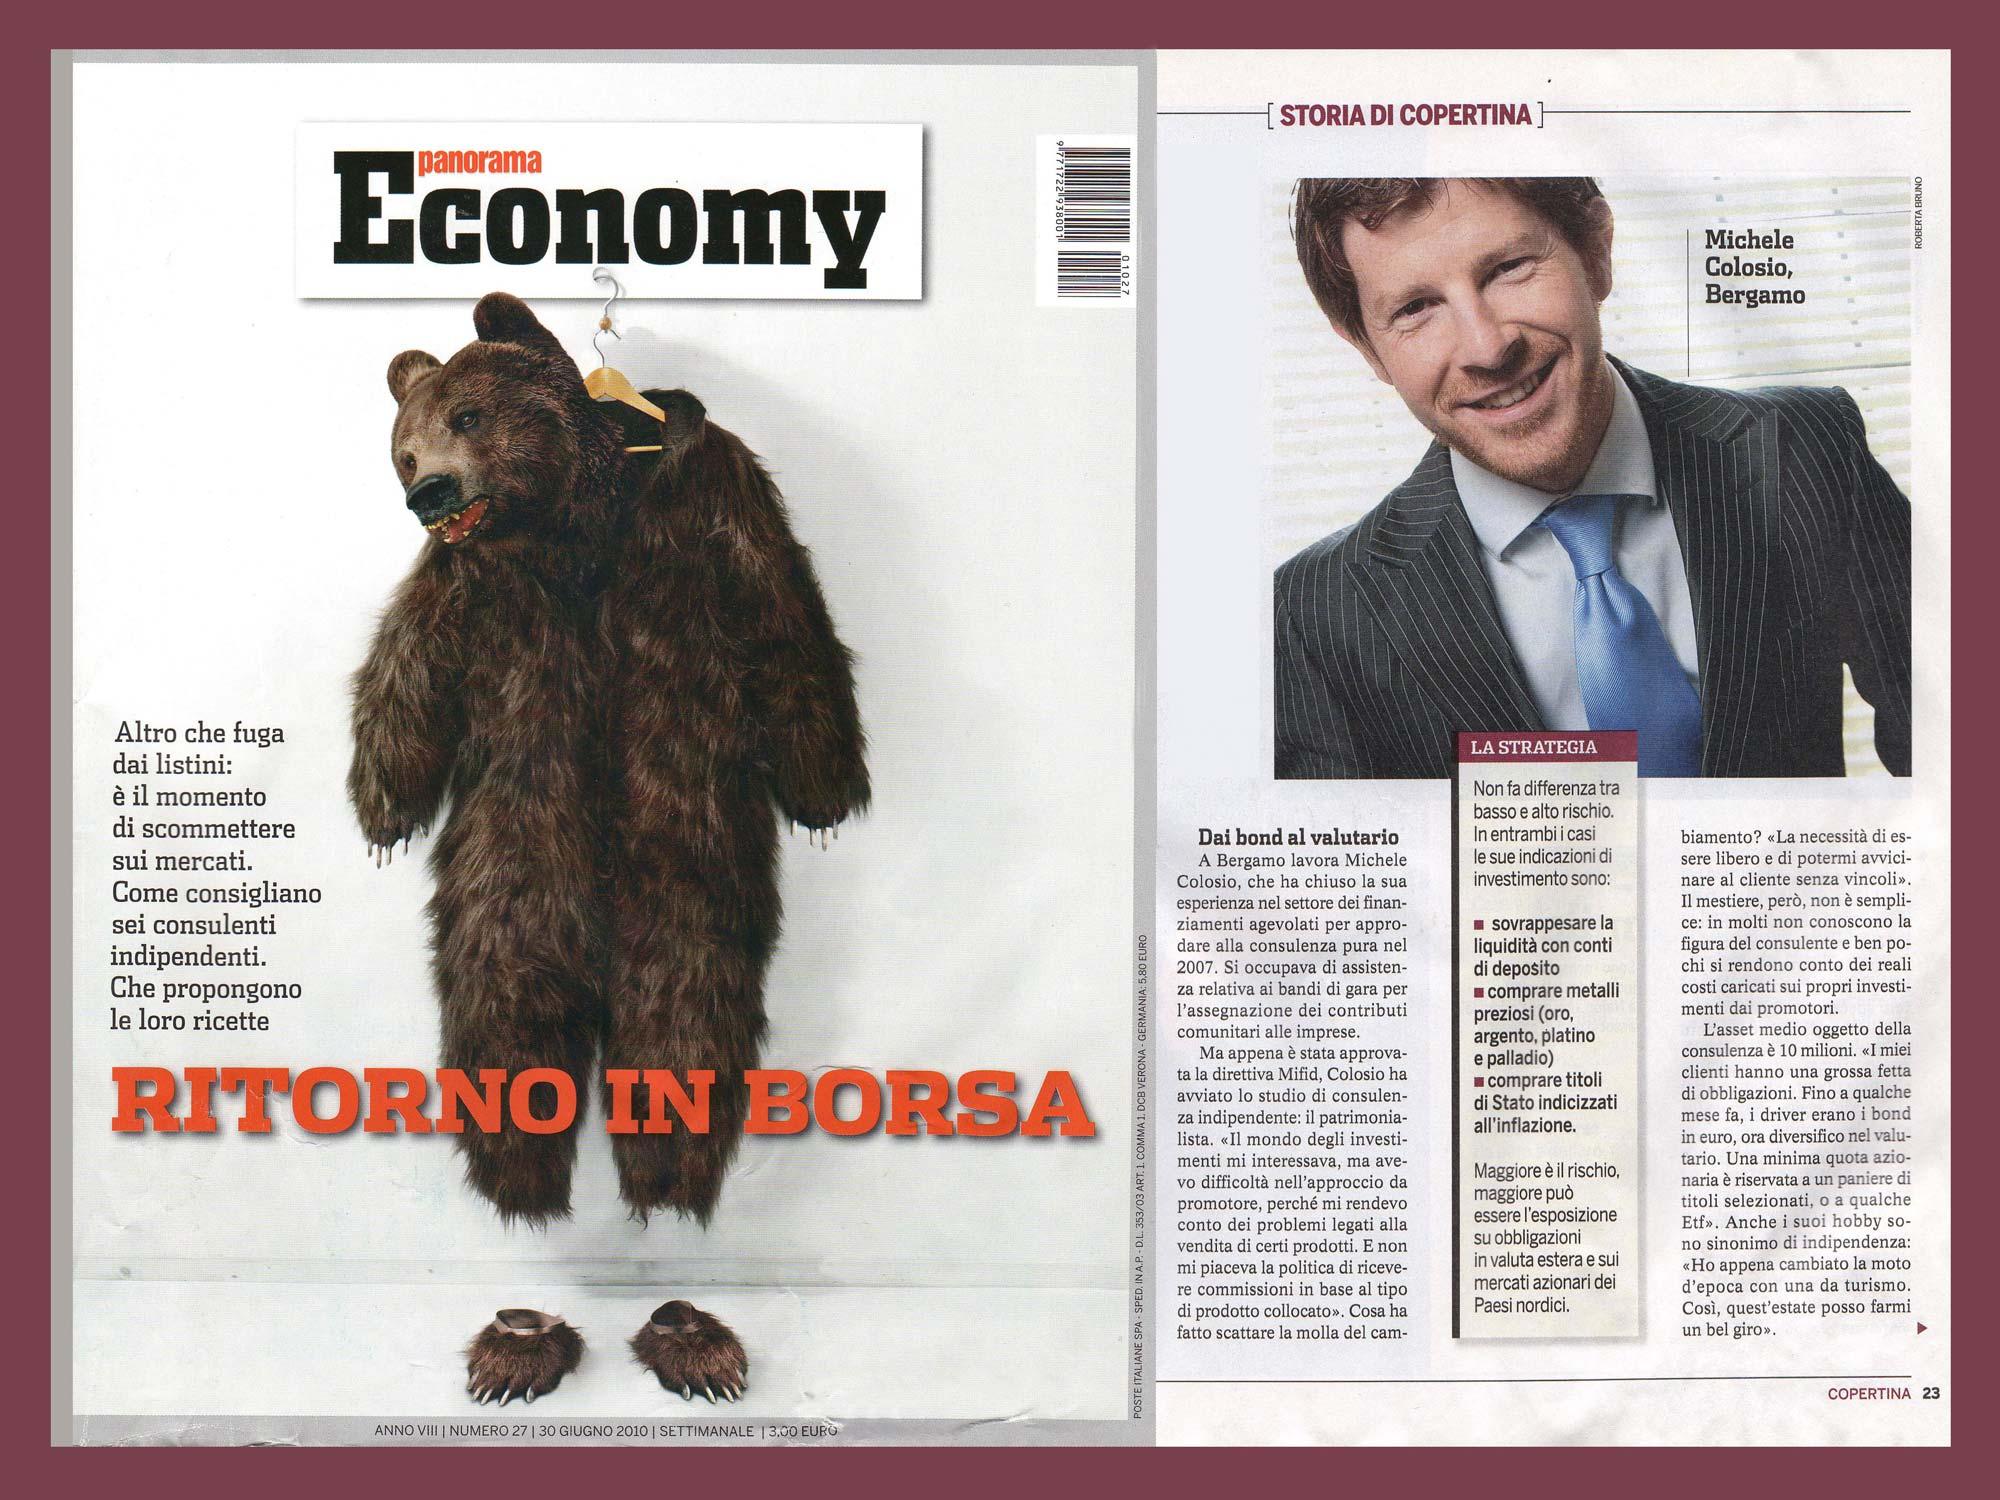 Michele Colosio intervistato per Economy, inserto di Panorama